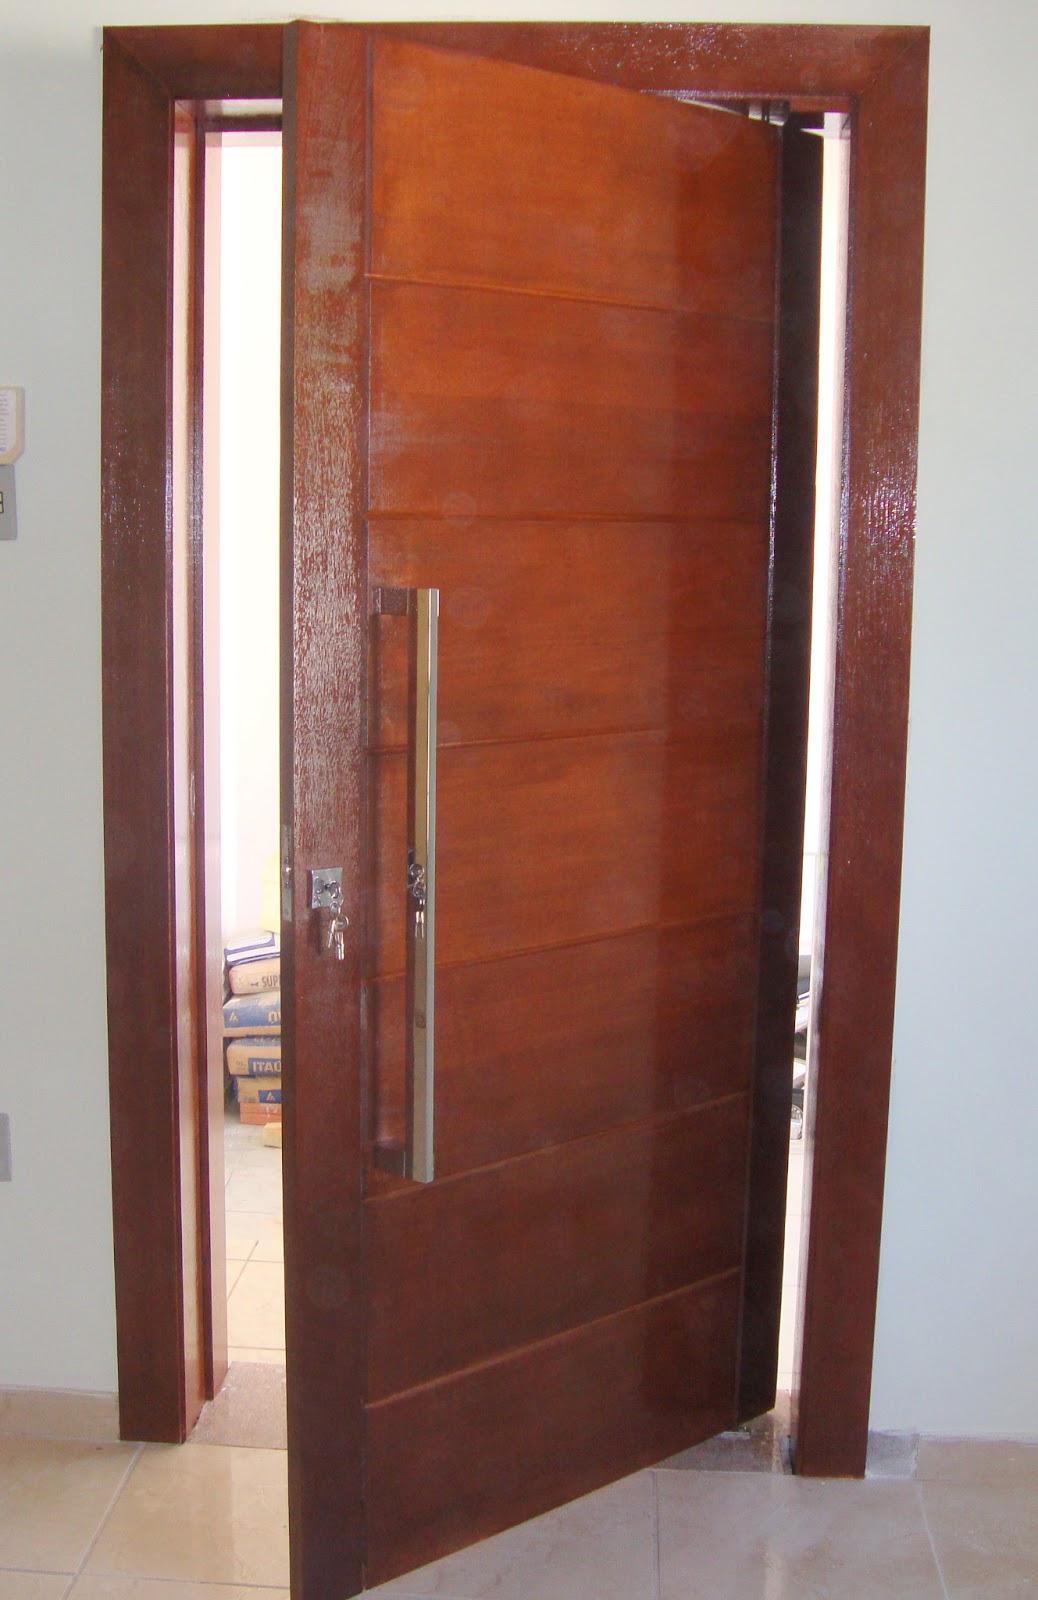 #A74B24 PORTAS VENDA E MONTAGEM DE PORTAS DE MADEIRA EM ITUIUTABA 1196 Portas E Janelas De Madeira Em Rio Preto